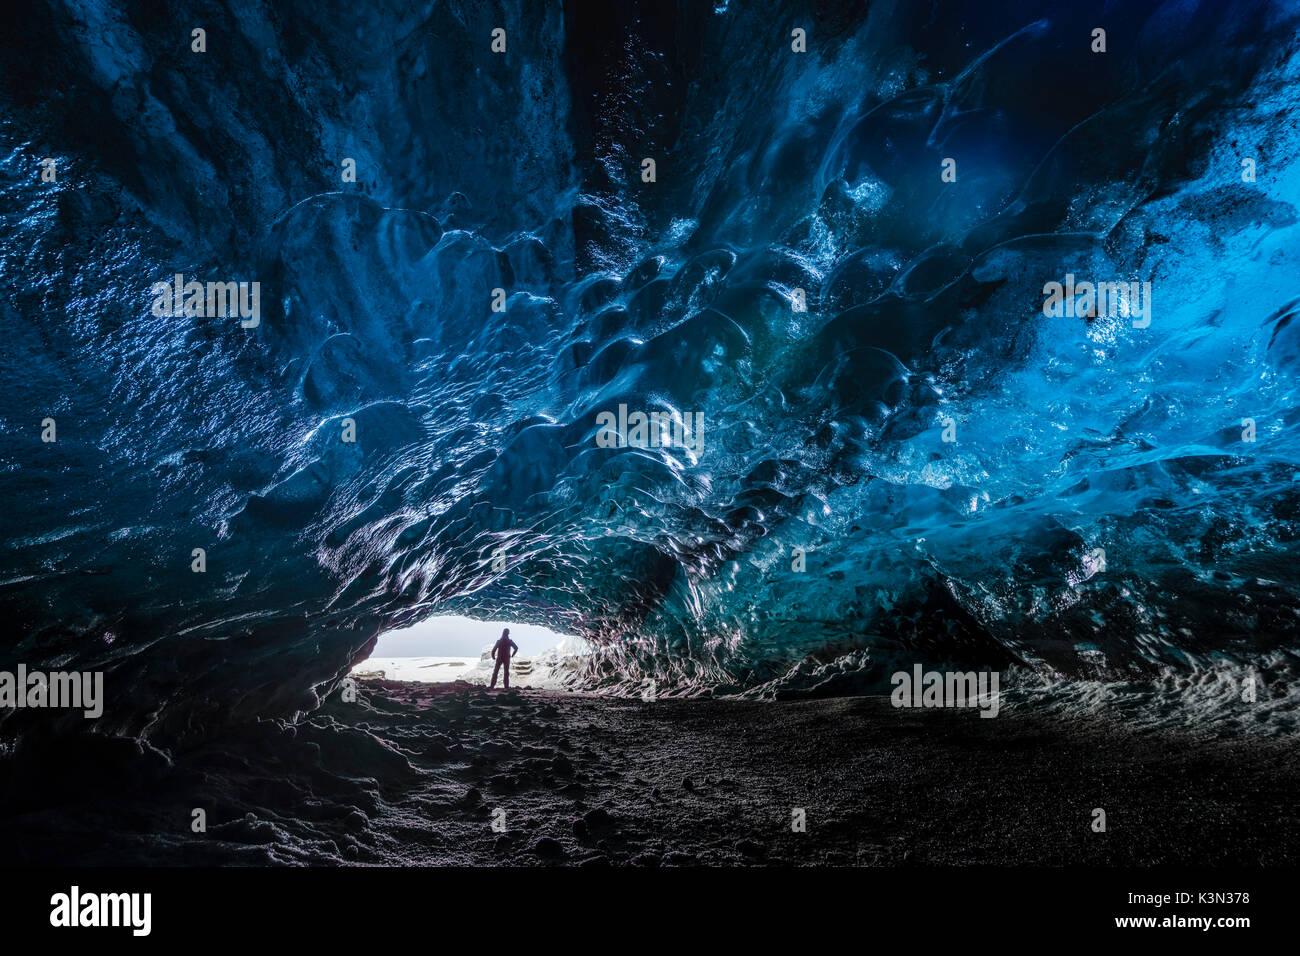 Hombre dentro de un hielo caver bajo el glaciar Vatnajokull, el Parque Nacional Vatnajokull, el este de Islandia, Islandia (MR) Imagen De Stock